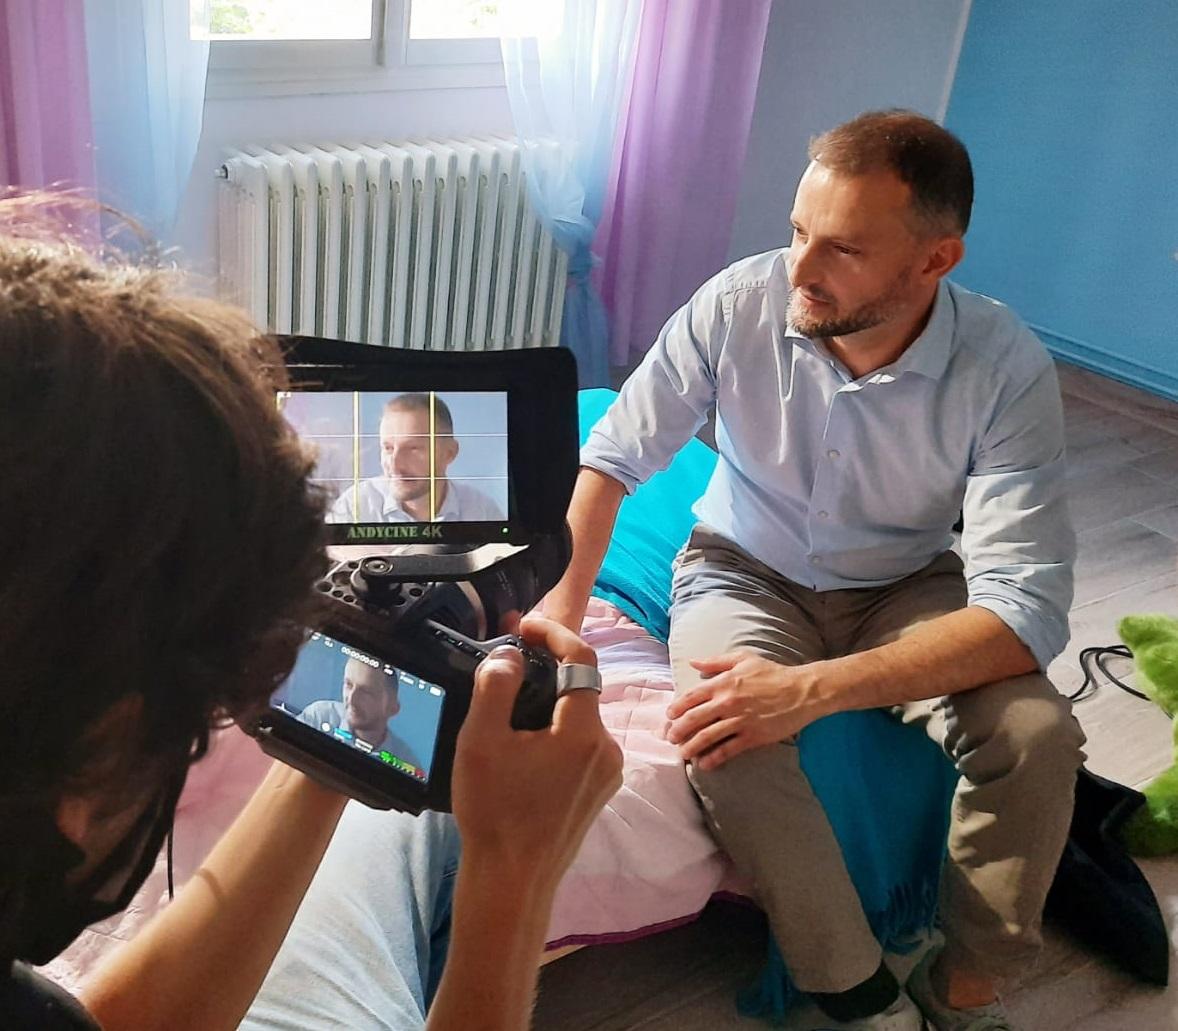 FestivalFilosofia 2020, un video 'da super-eroi' per ricordare le misure anti-Covid